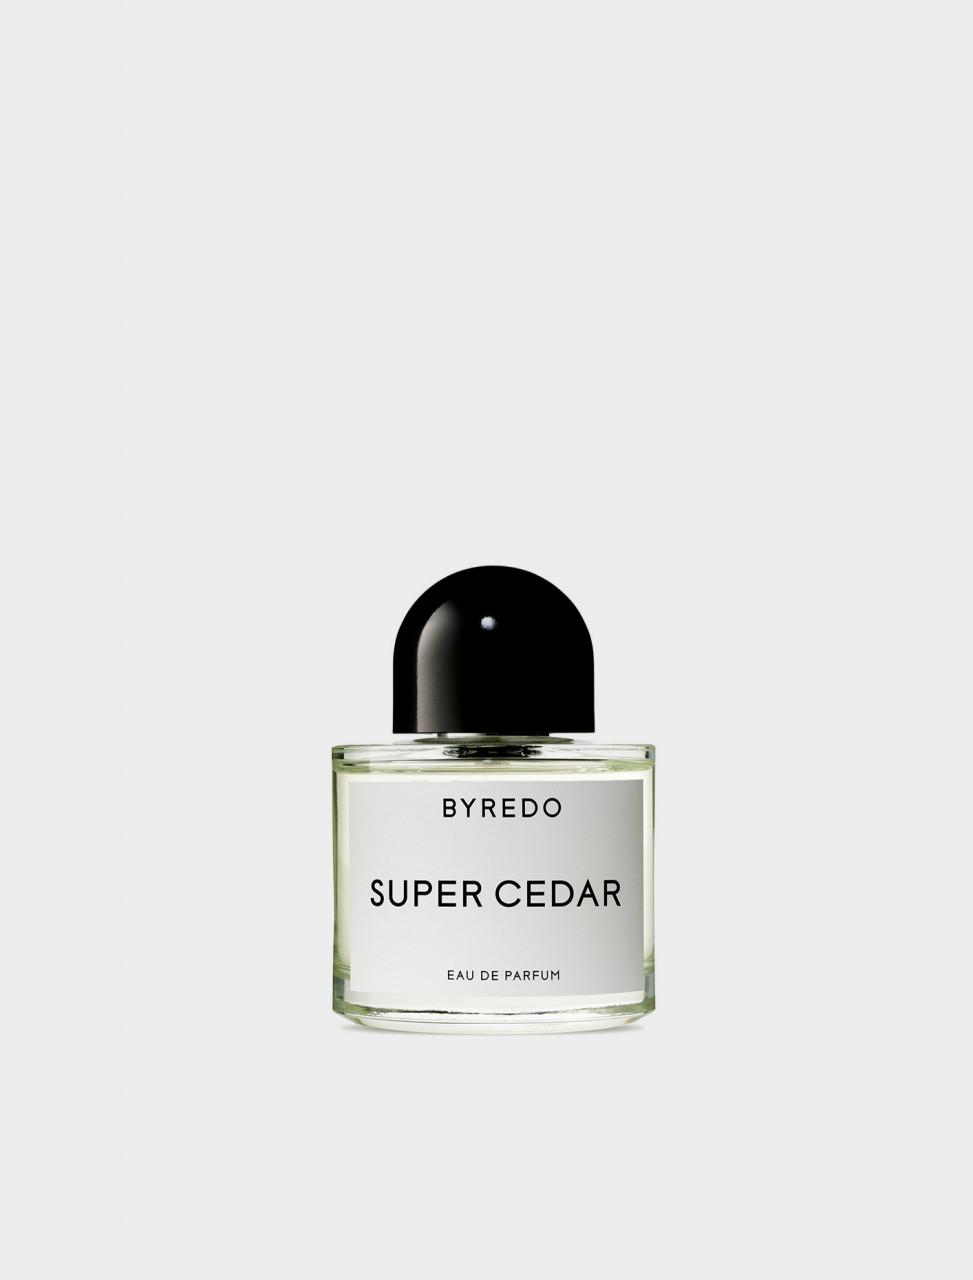 338-100132/4 BYREDO EDP SUPER CEDAR